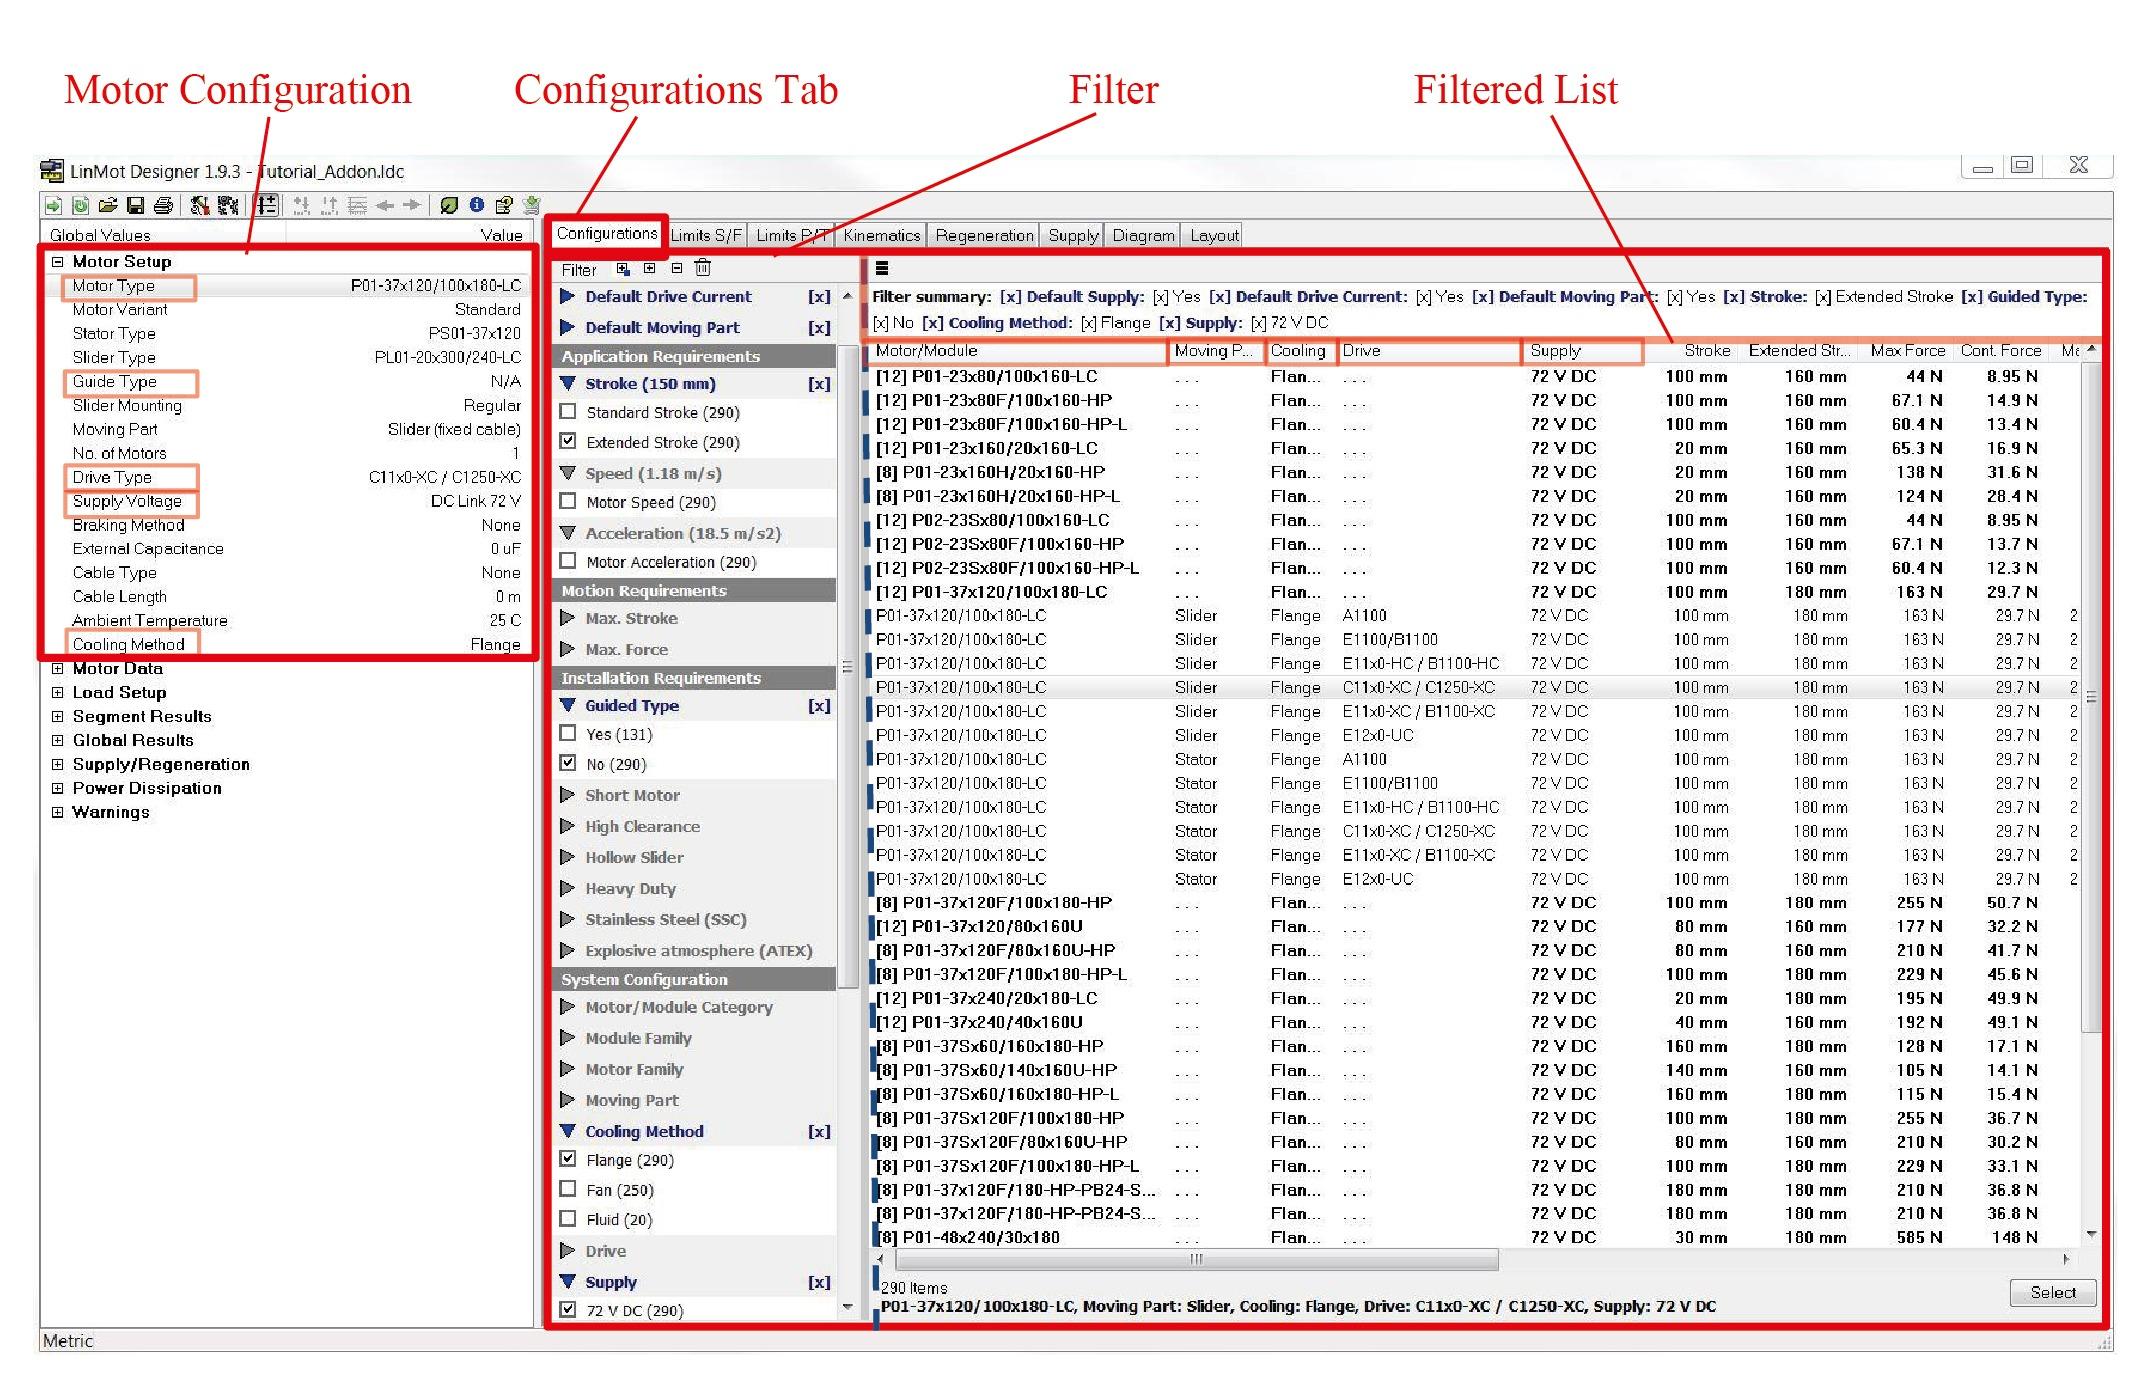 Layout del software LinMot Designer con filtros para su fácil uso